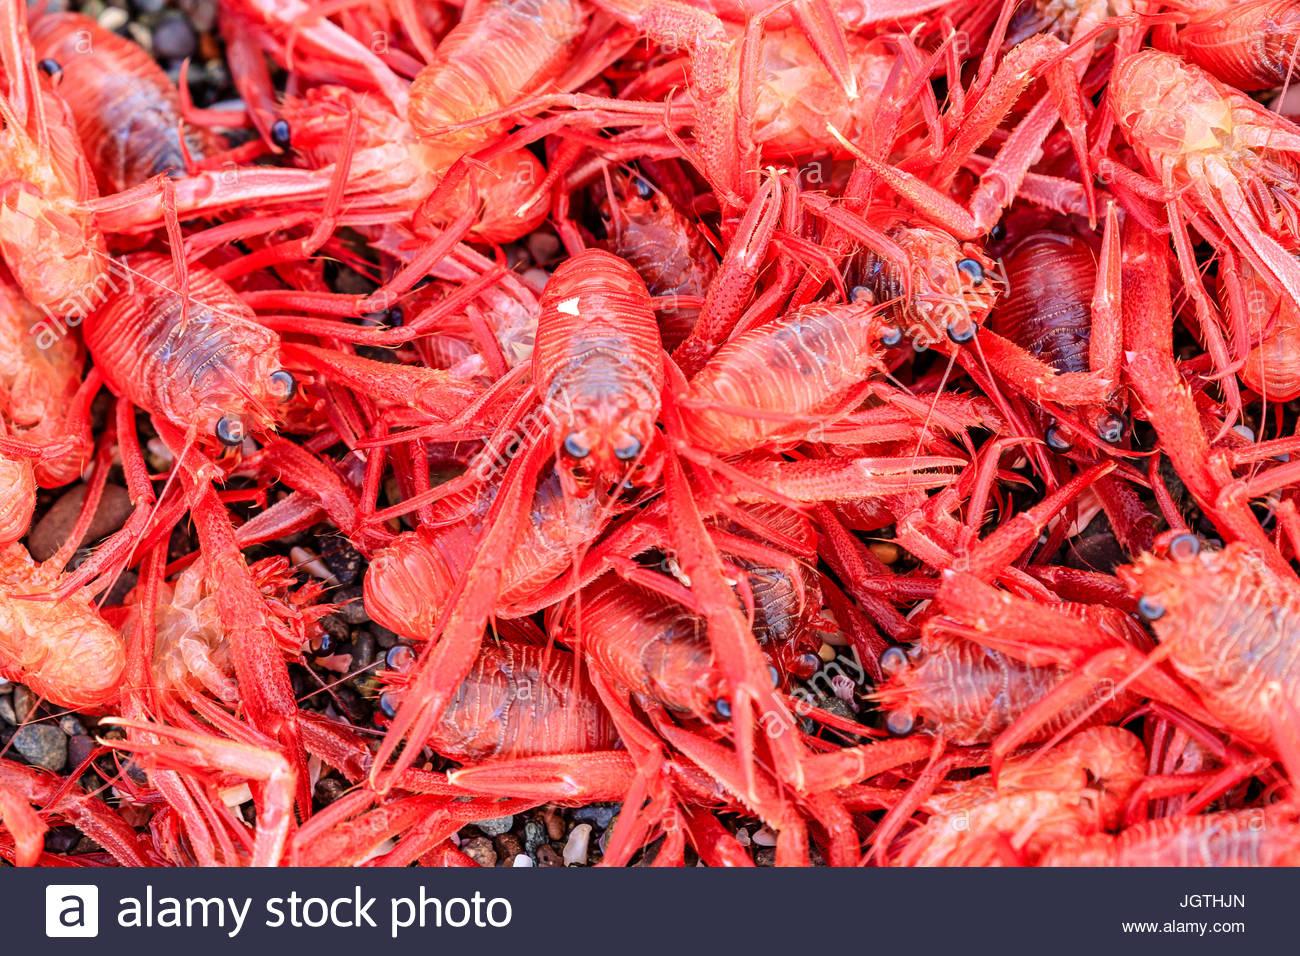 Un cierre de rojos cangrejos pelágicos. Imagen De Stock